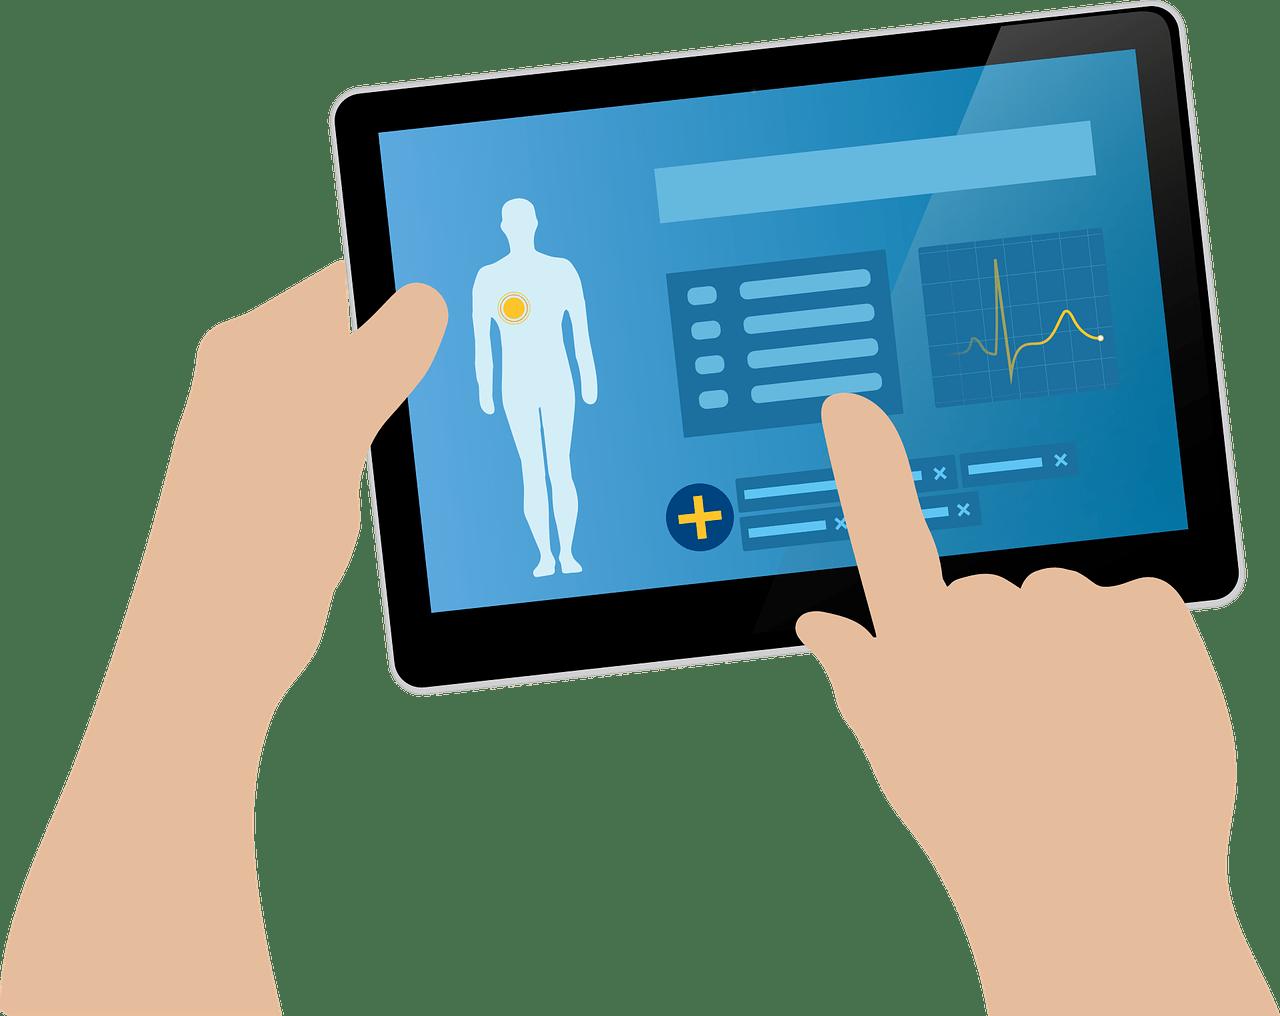 Новый сервис от Сбербанка Сберздоровье умеет записывать на прием к врачу и покупать лекарства онлайн